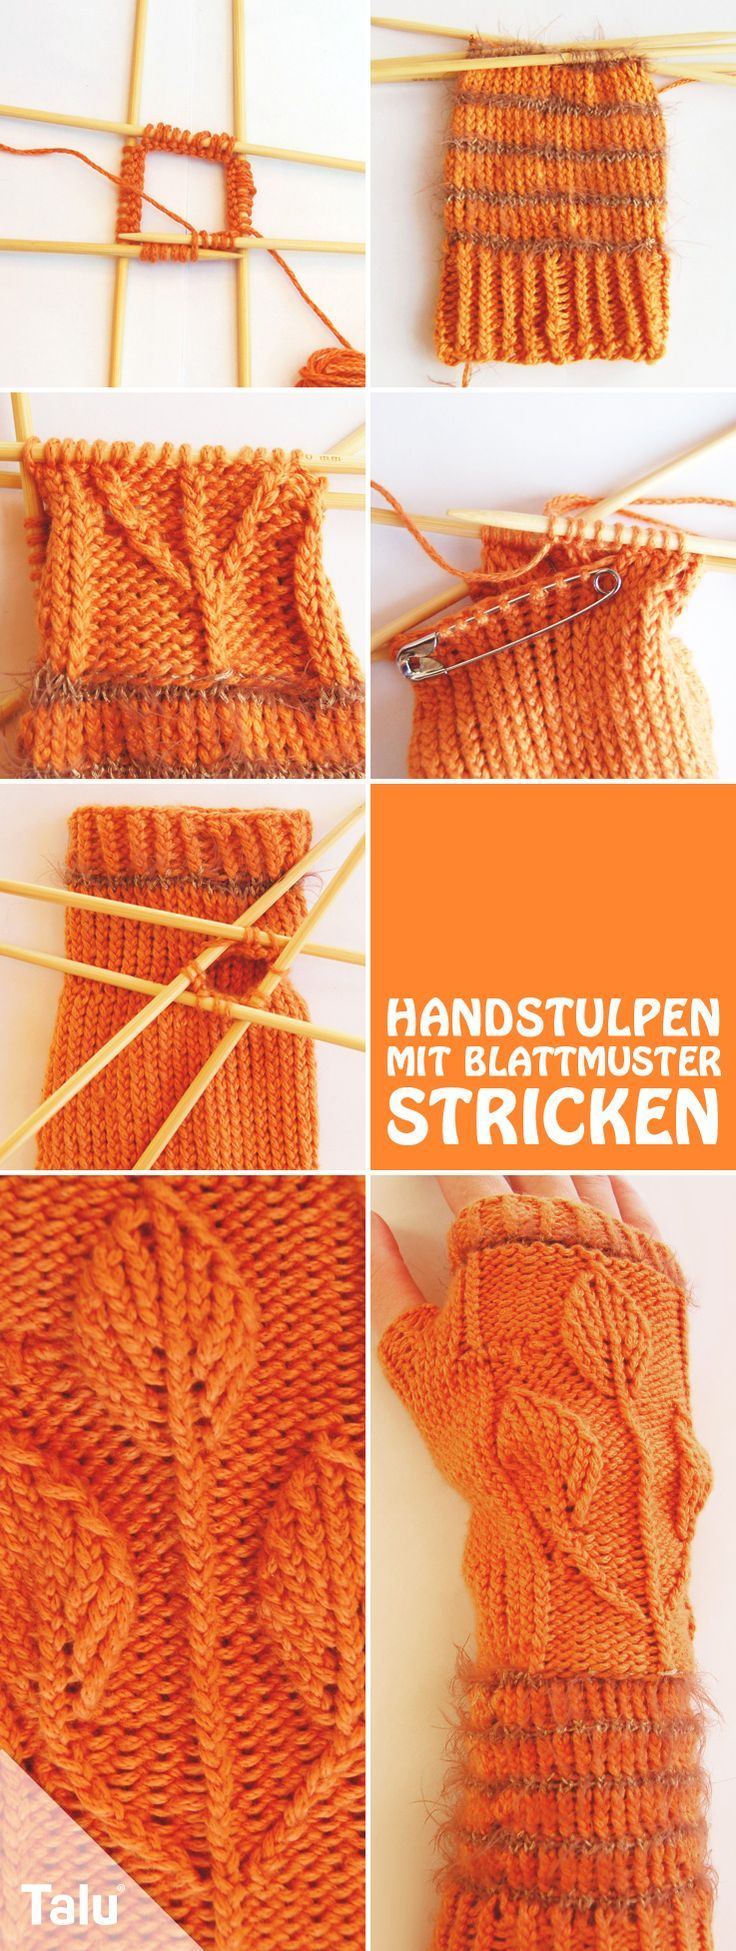 Handstulpen stricken - kostenlose Anleitung mit Bildern ...